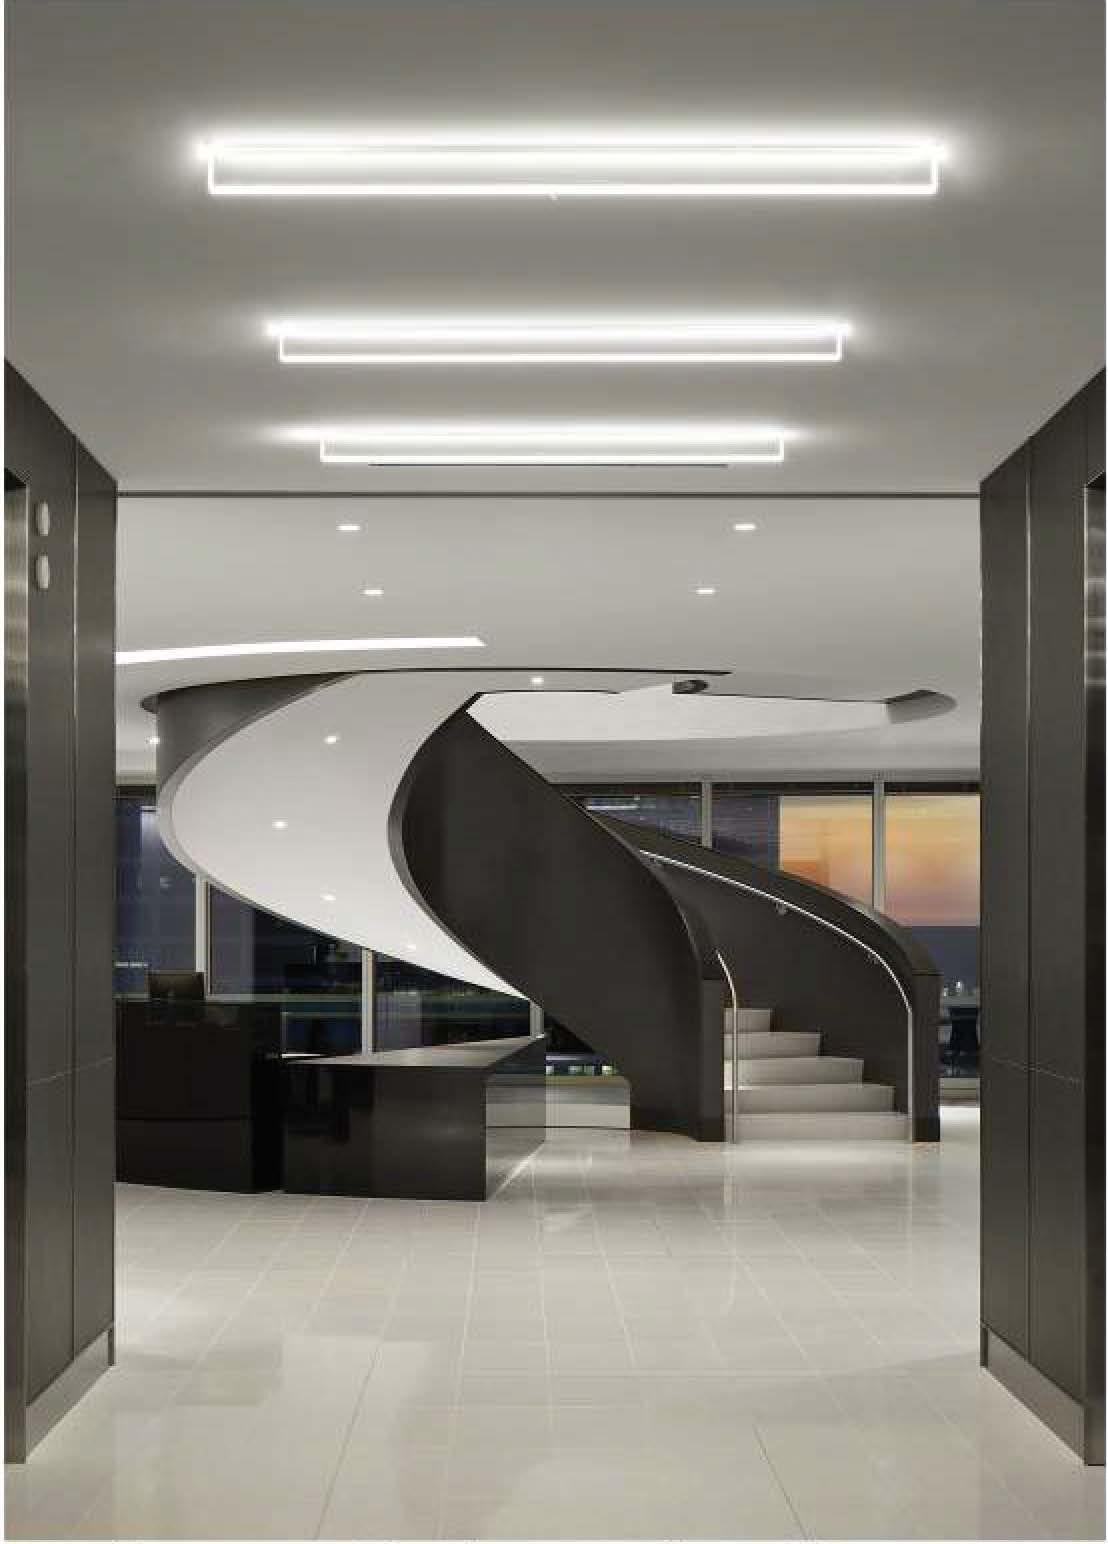 Thompson & Knight Office, Houston, Texas (3)